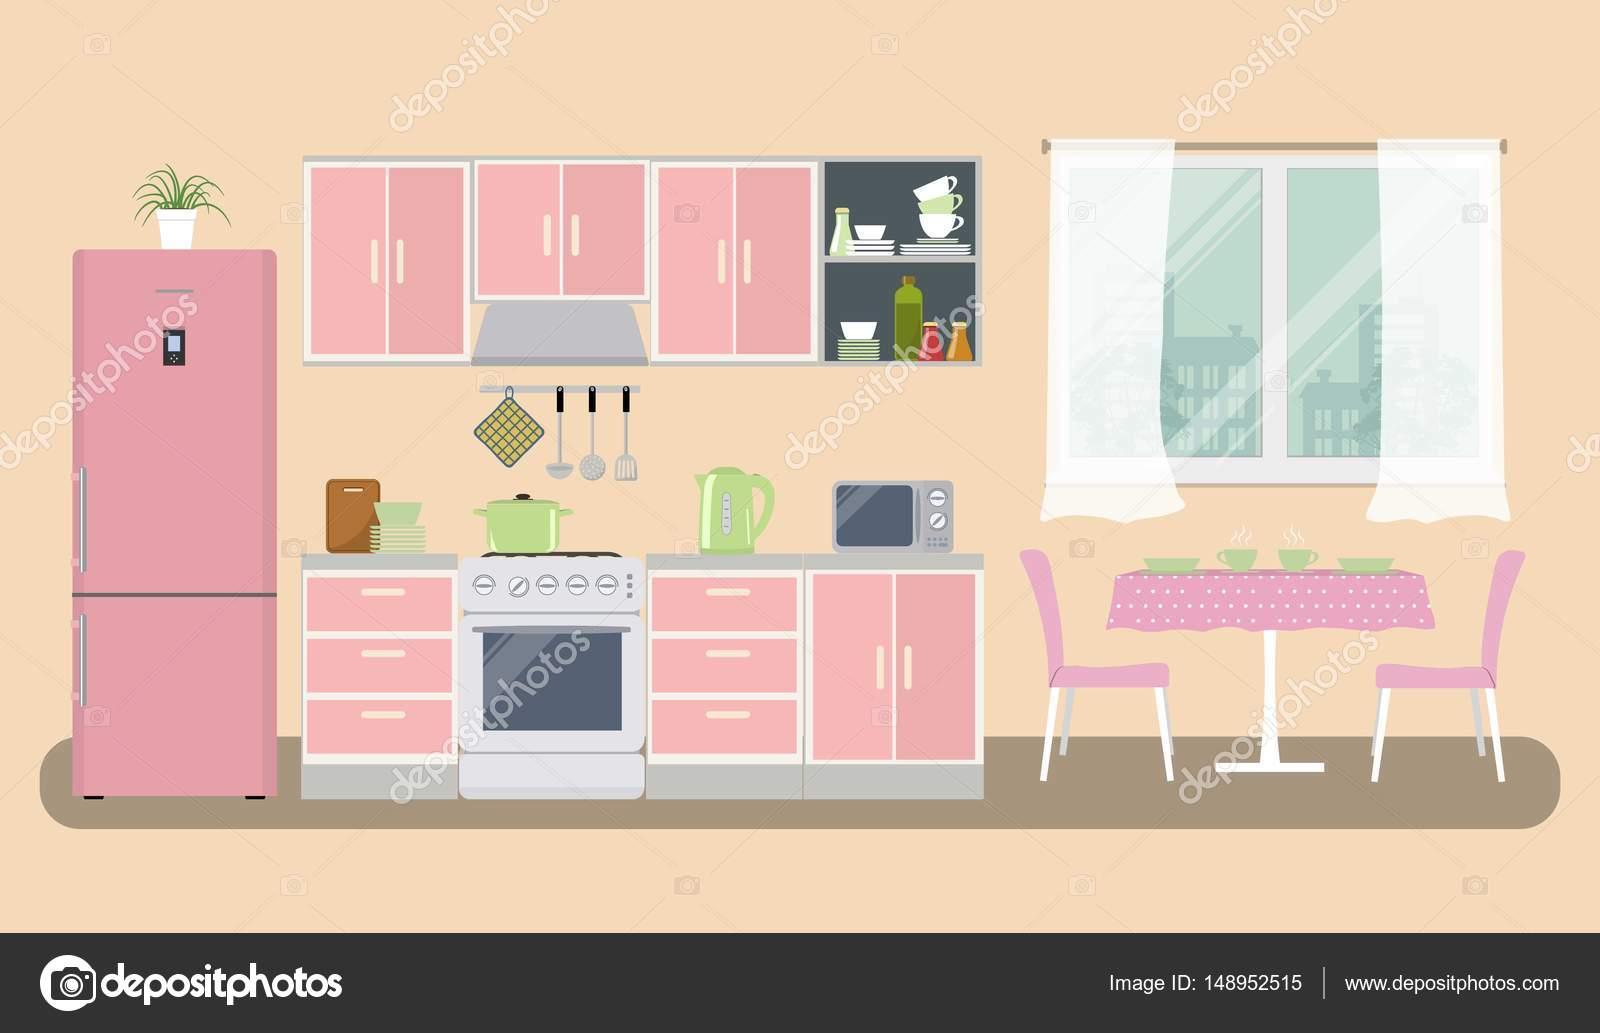 Kühlschrank Rosa : Küche in eine rosa farbe es ist ein möbel einen herd einen